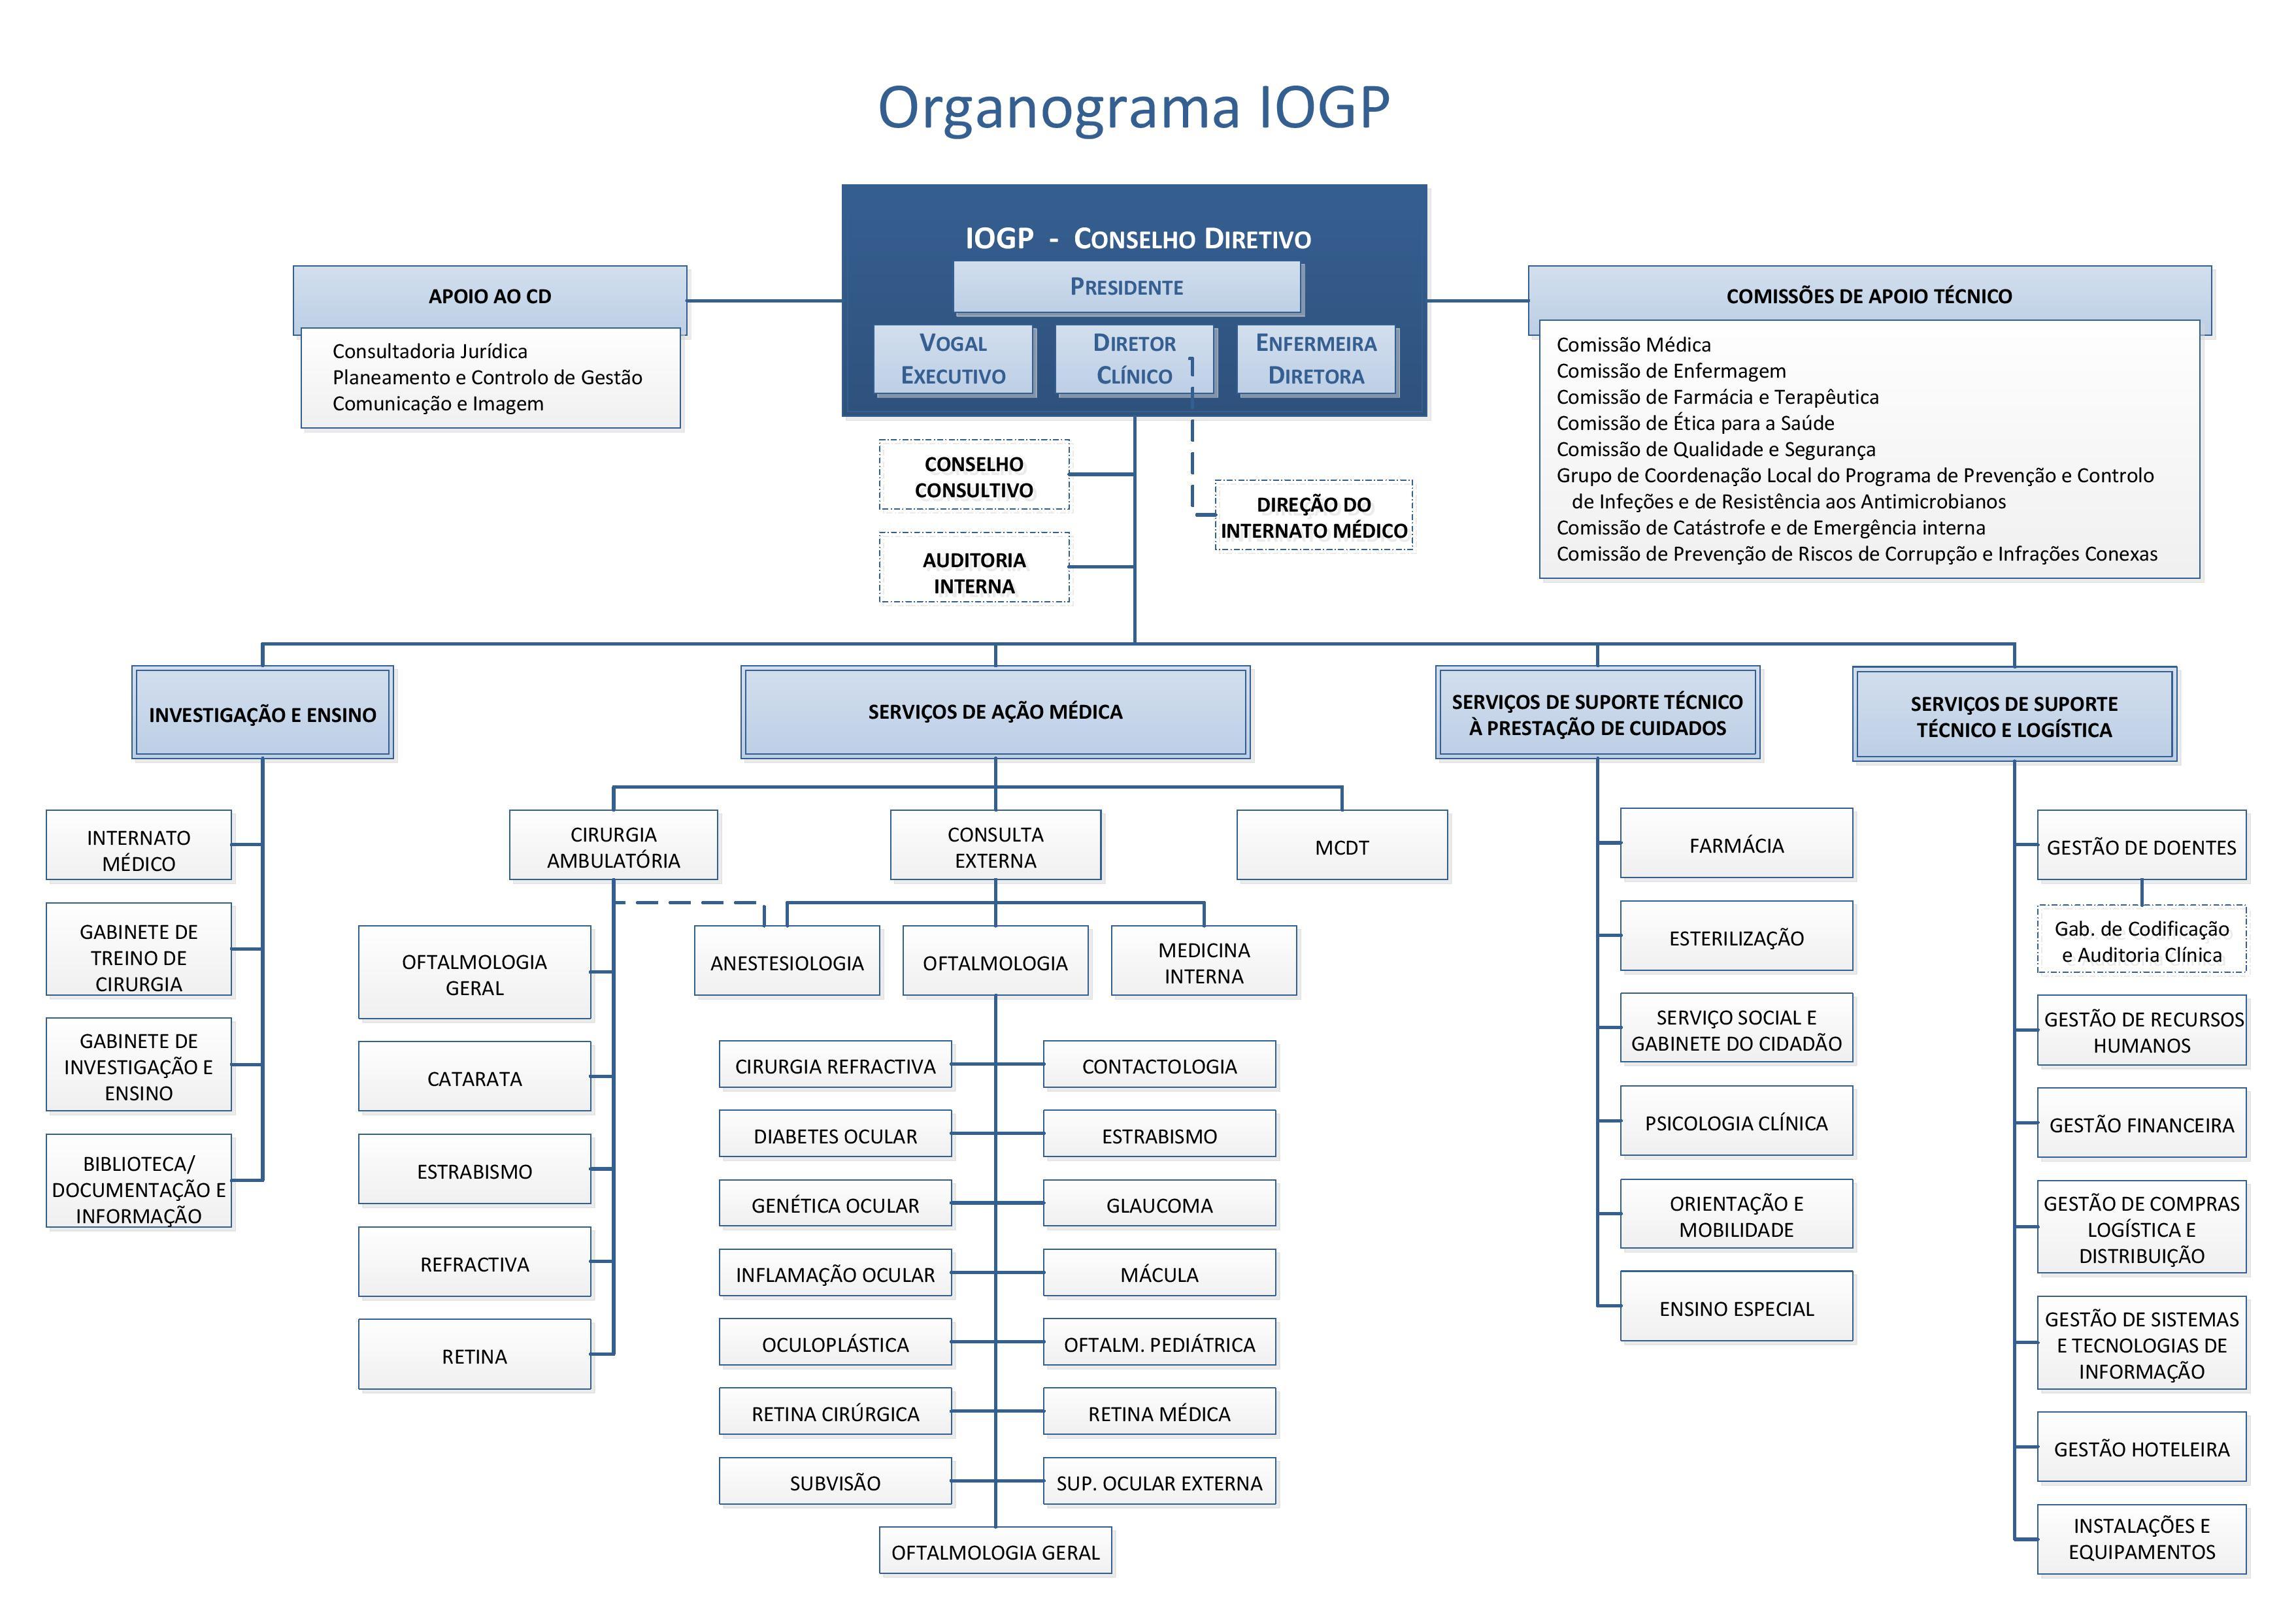 20170417 ORGANOGRAMA IOGP